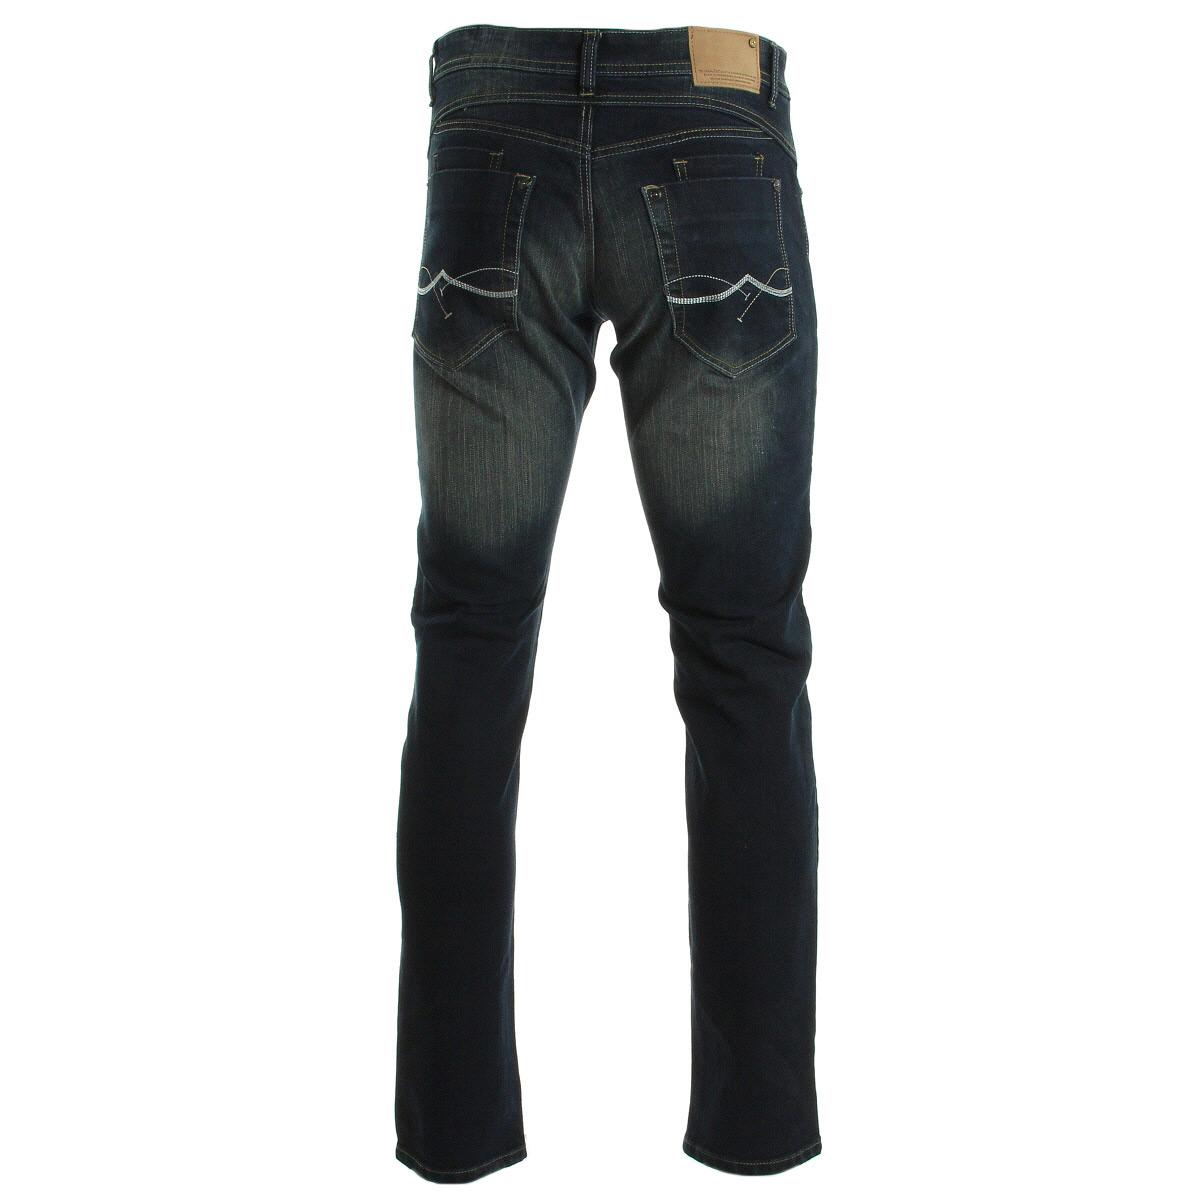 RG512 Slim Cut Dark Denim S54161, Jeans homme